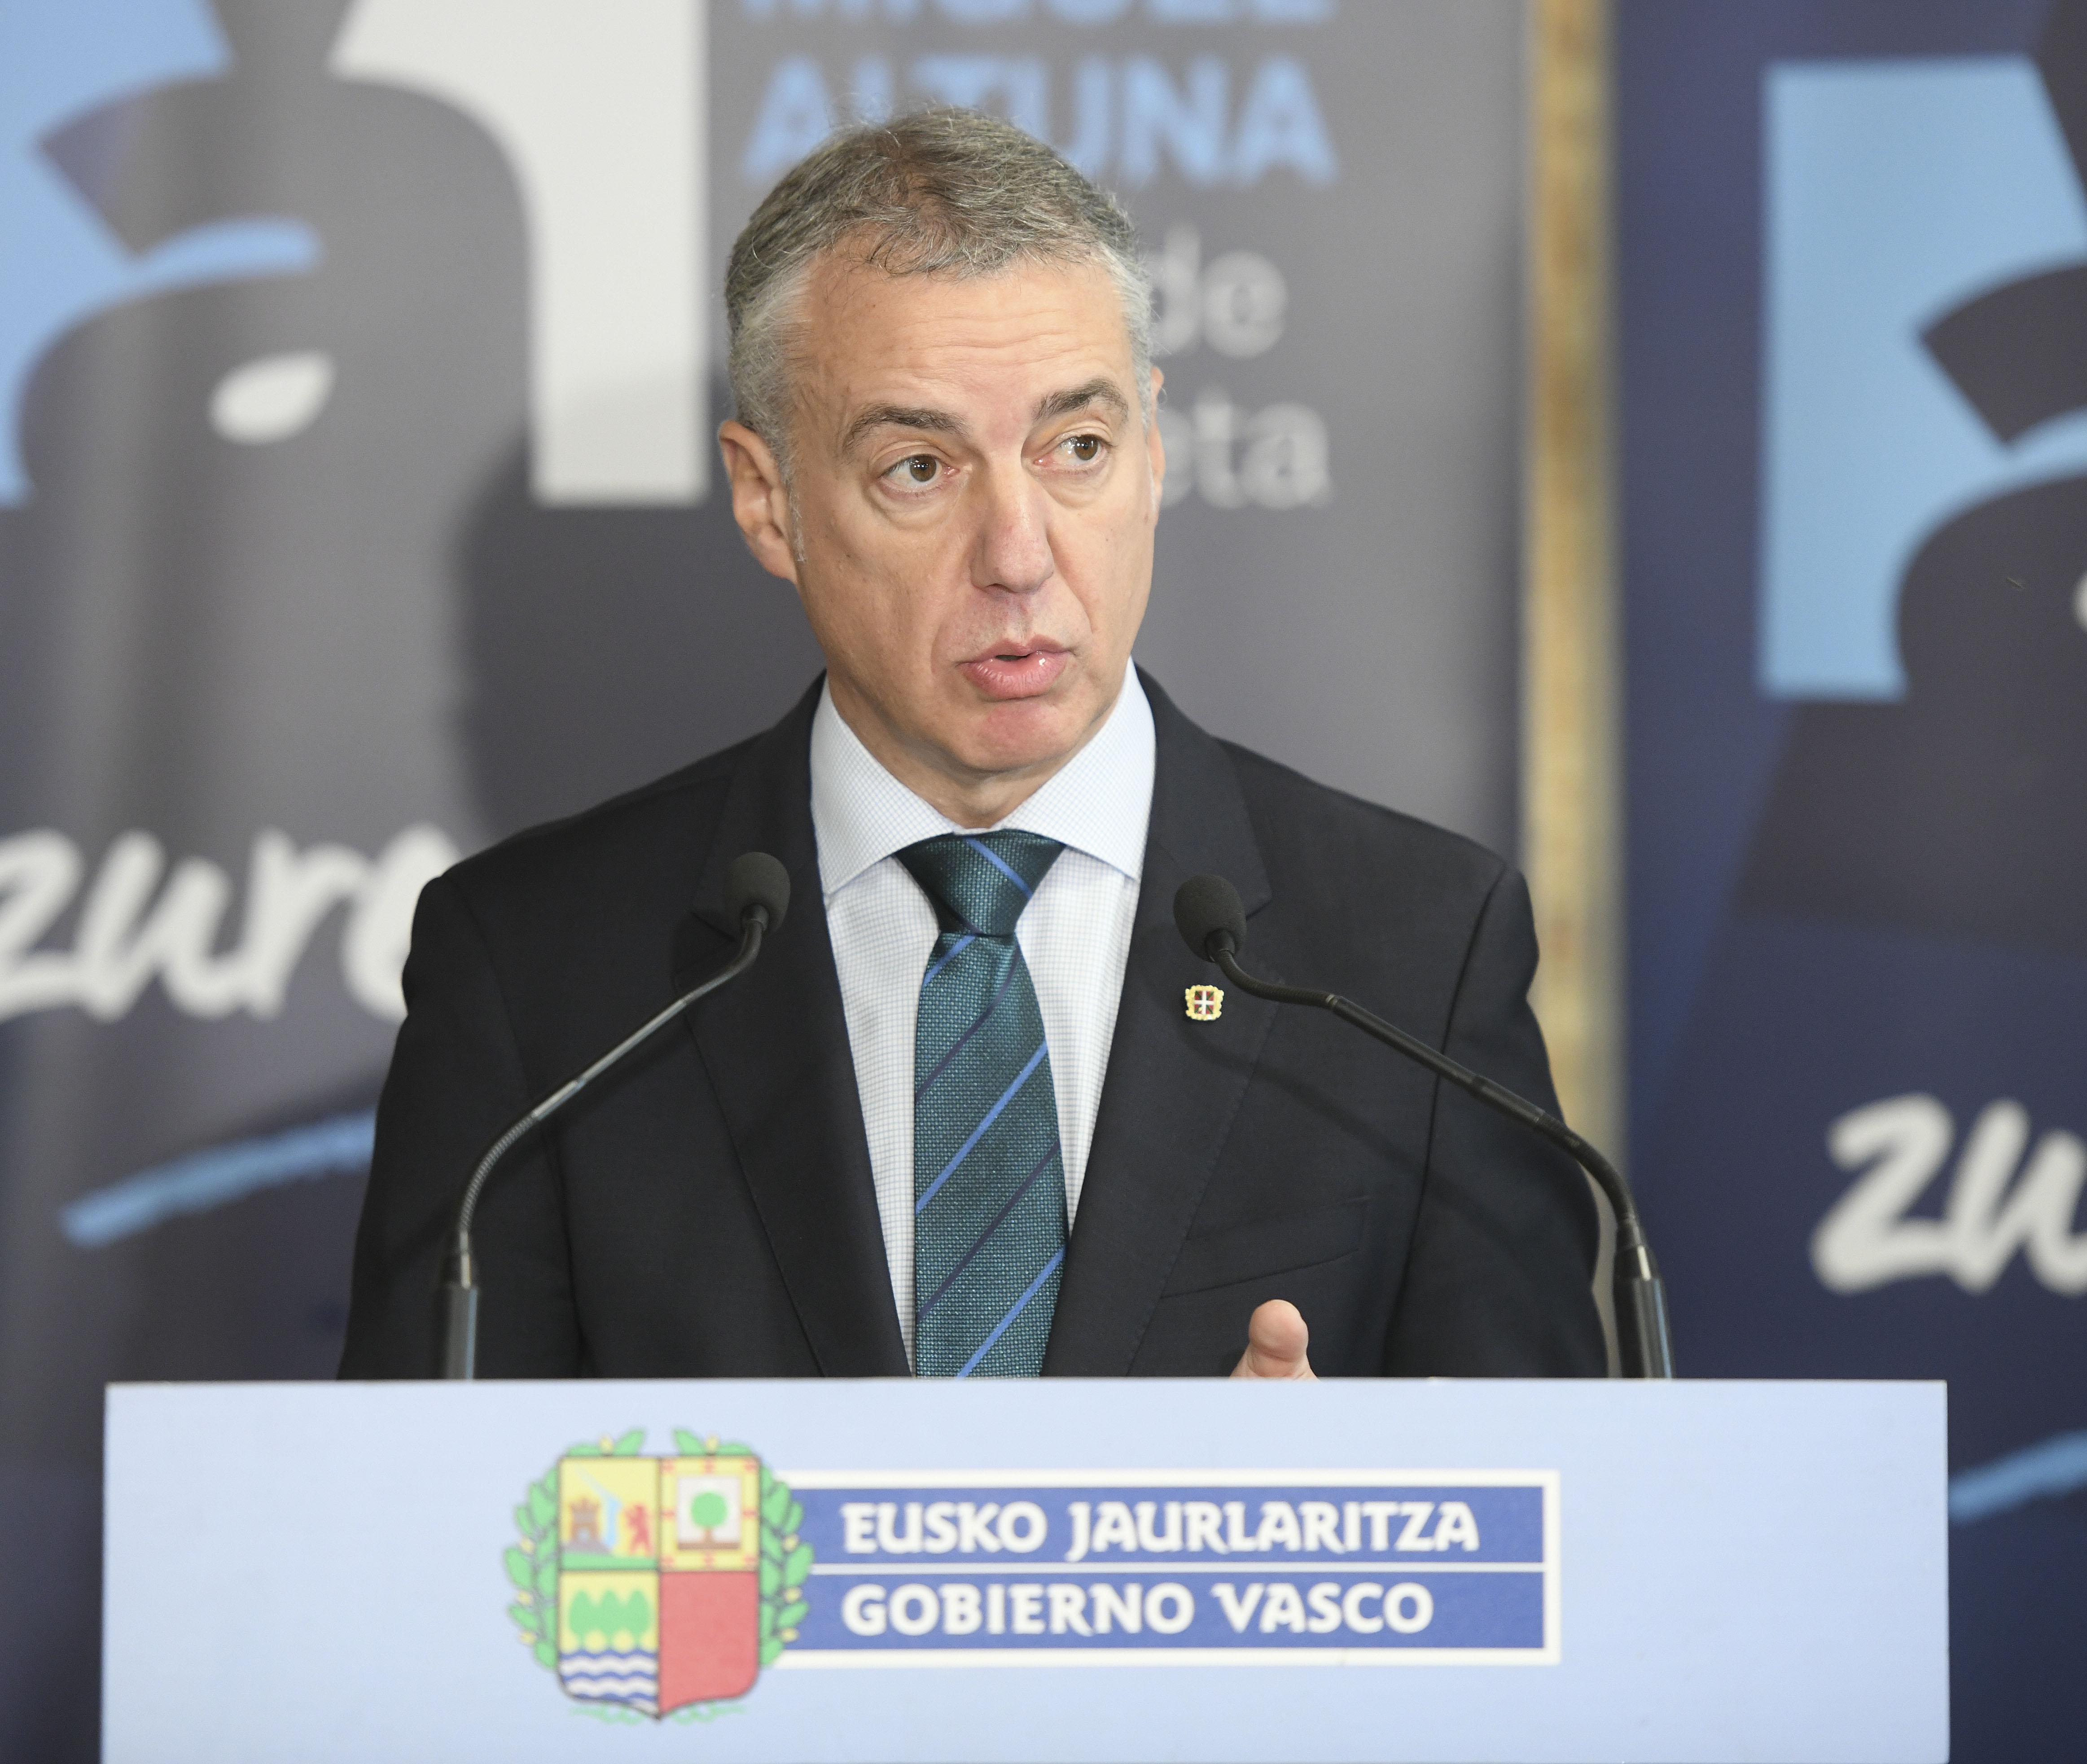 """Iñigo Urkullu: """"Los resultados vuelven a avalar una cultura política diferente que hay que preservar"""""""